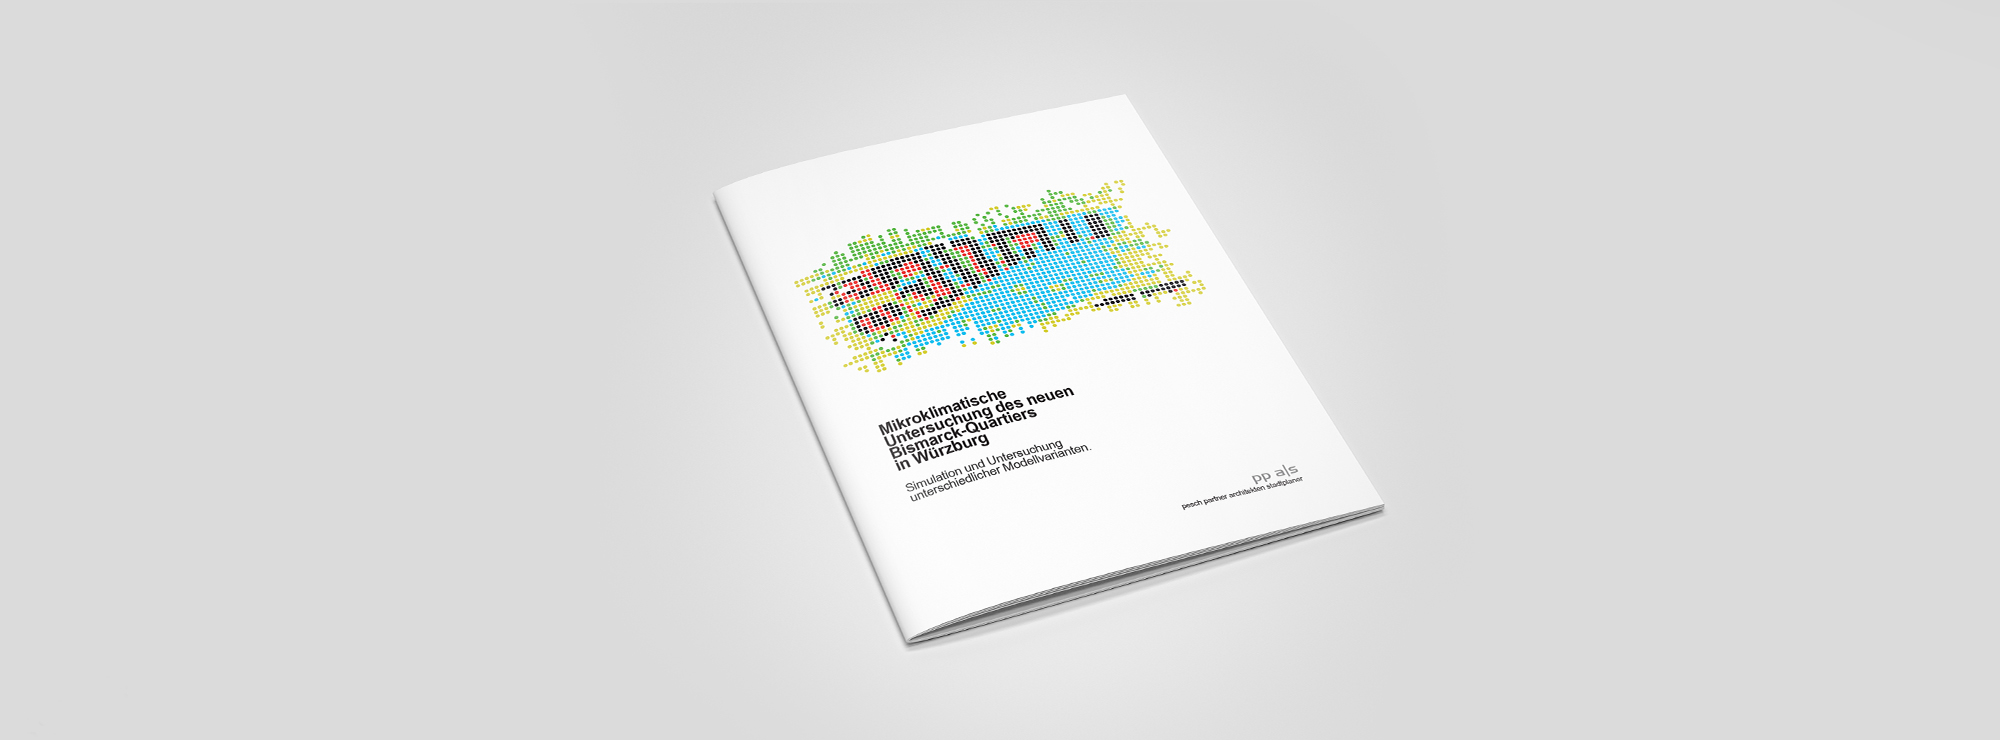 Bismarck-Quartier Würzburg_DGNB_Beethovengruppe_PeschPartner_Simulation_Mikroklima_Envi-met_Klimamodell